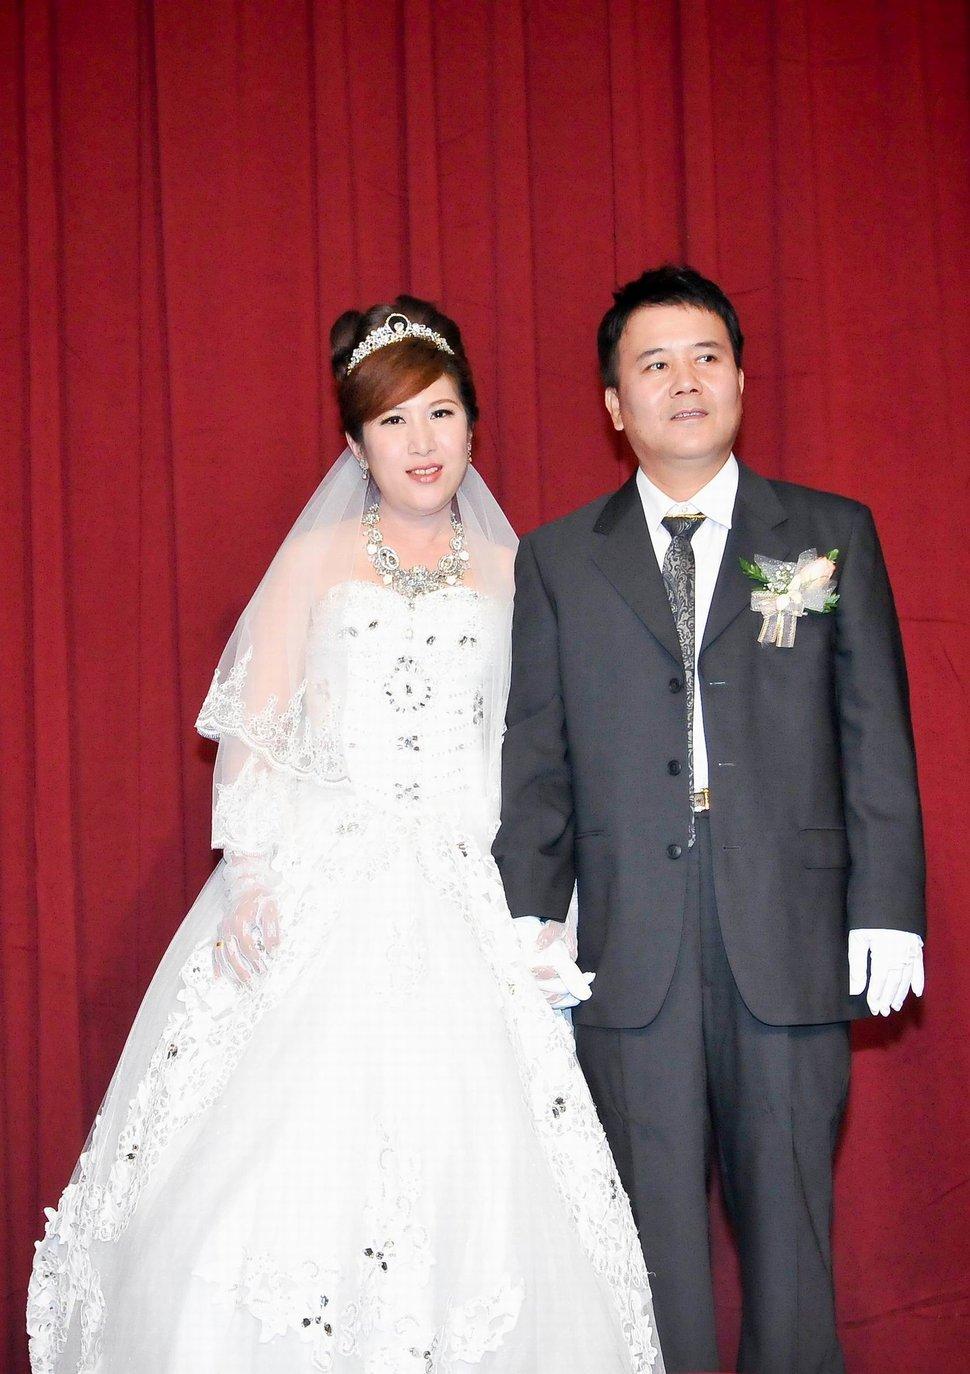 專業婚攝婚禮紀錄婚禮紀錄專業錄影婚禮錄影婚禮記錄動態微電影錄影專業錄影平面攝影婚攝婚禮主持人(編號:280555) - 蜜月拍照10800錄影12800攝影團隊 - 結婚吧